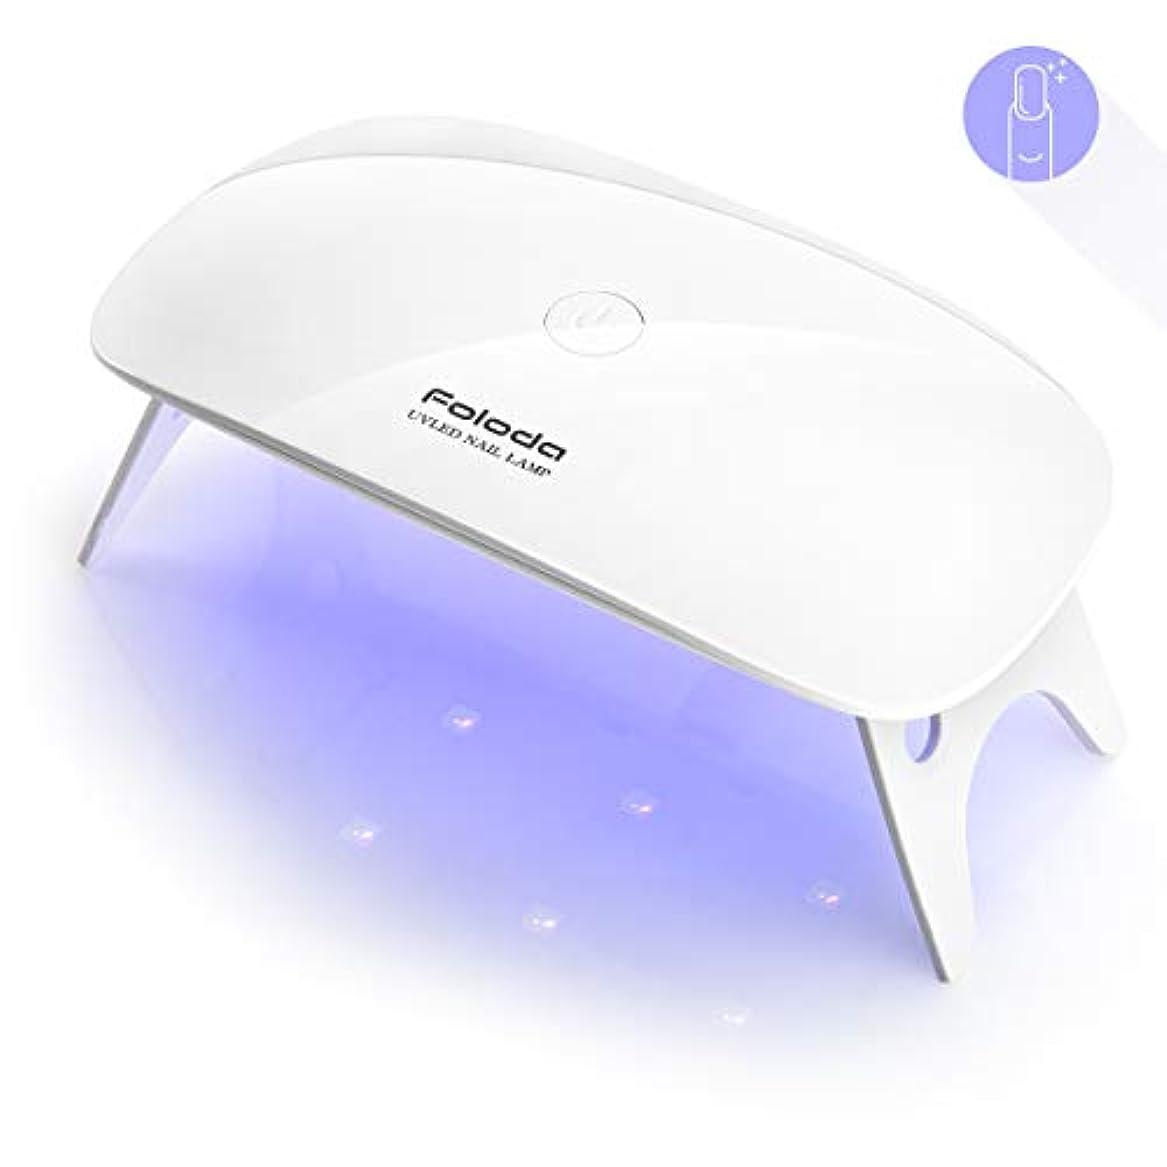 拍手するリスナー仮説LEDネイルドライヤー UVライト Foloda タイマー設定可能 折りたたみ式手足とも使える 人感センサー式 LED 硬化ライト UV と LEDダブルライト ジェルネイル用 ホワイト (white)